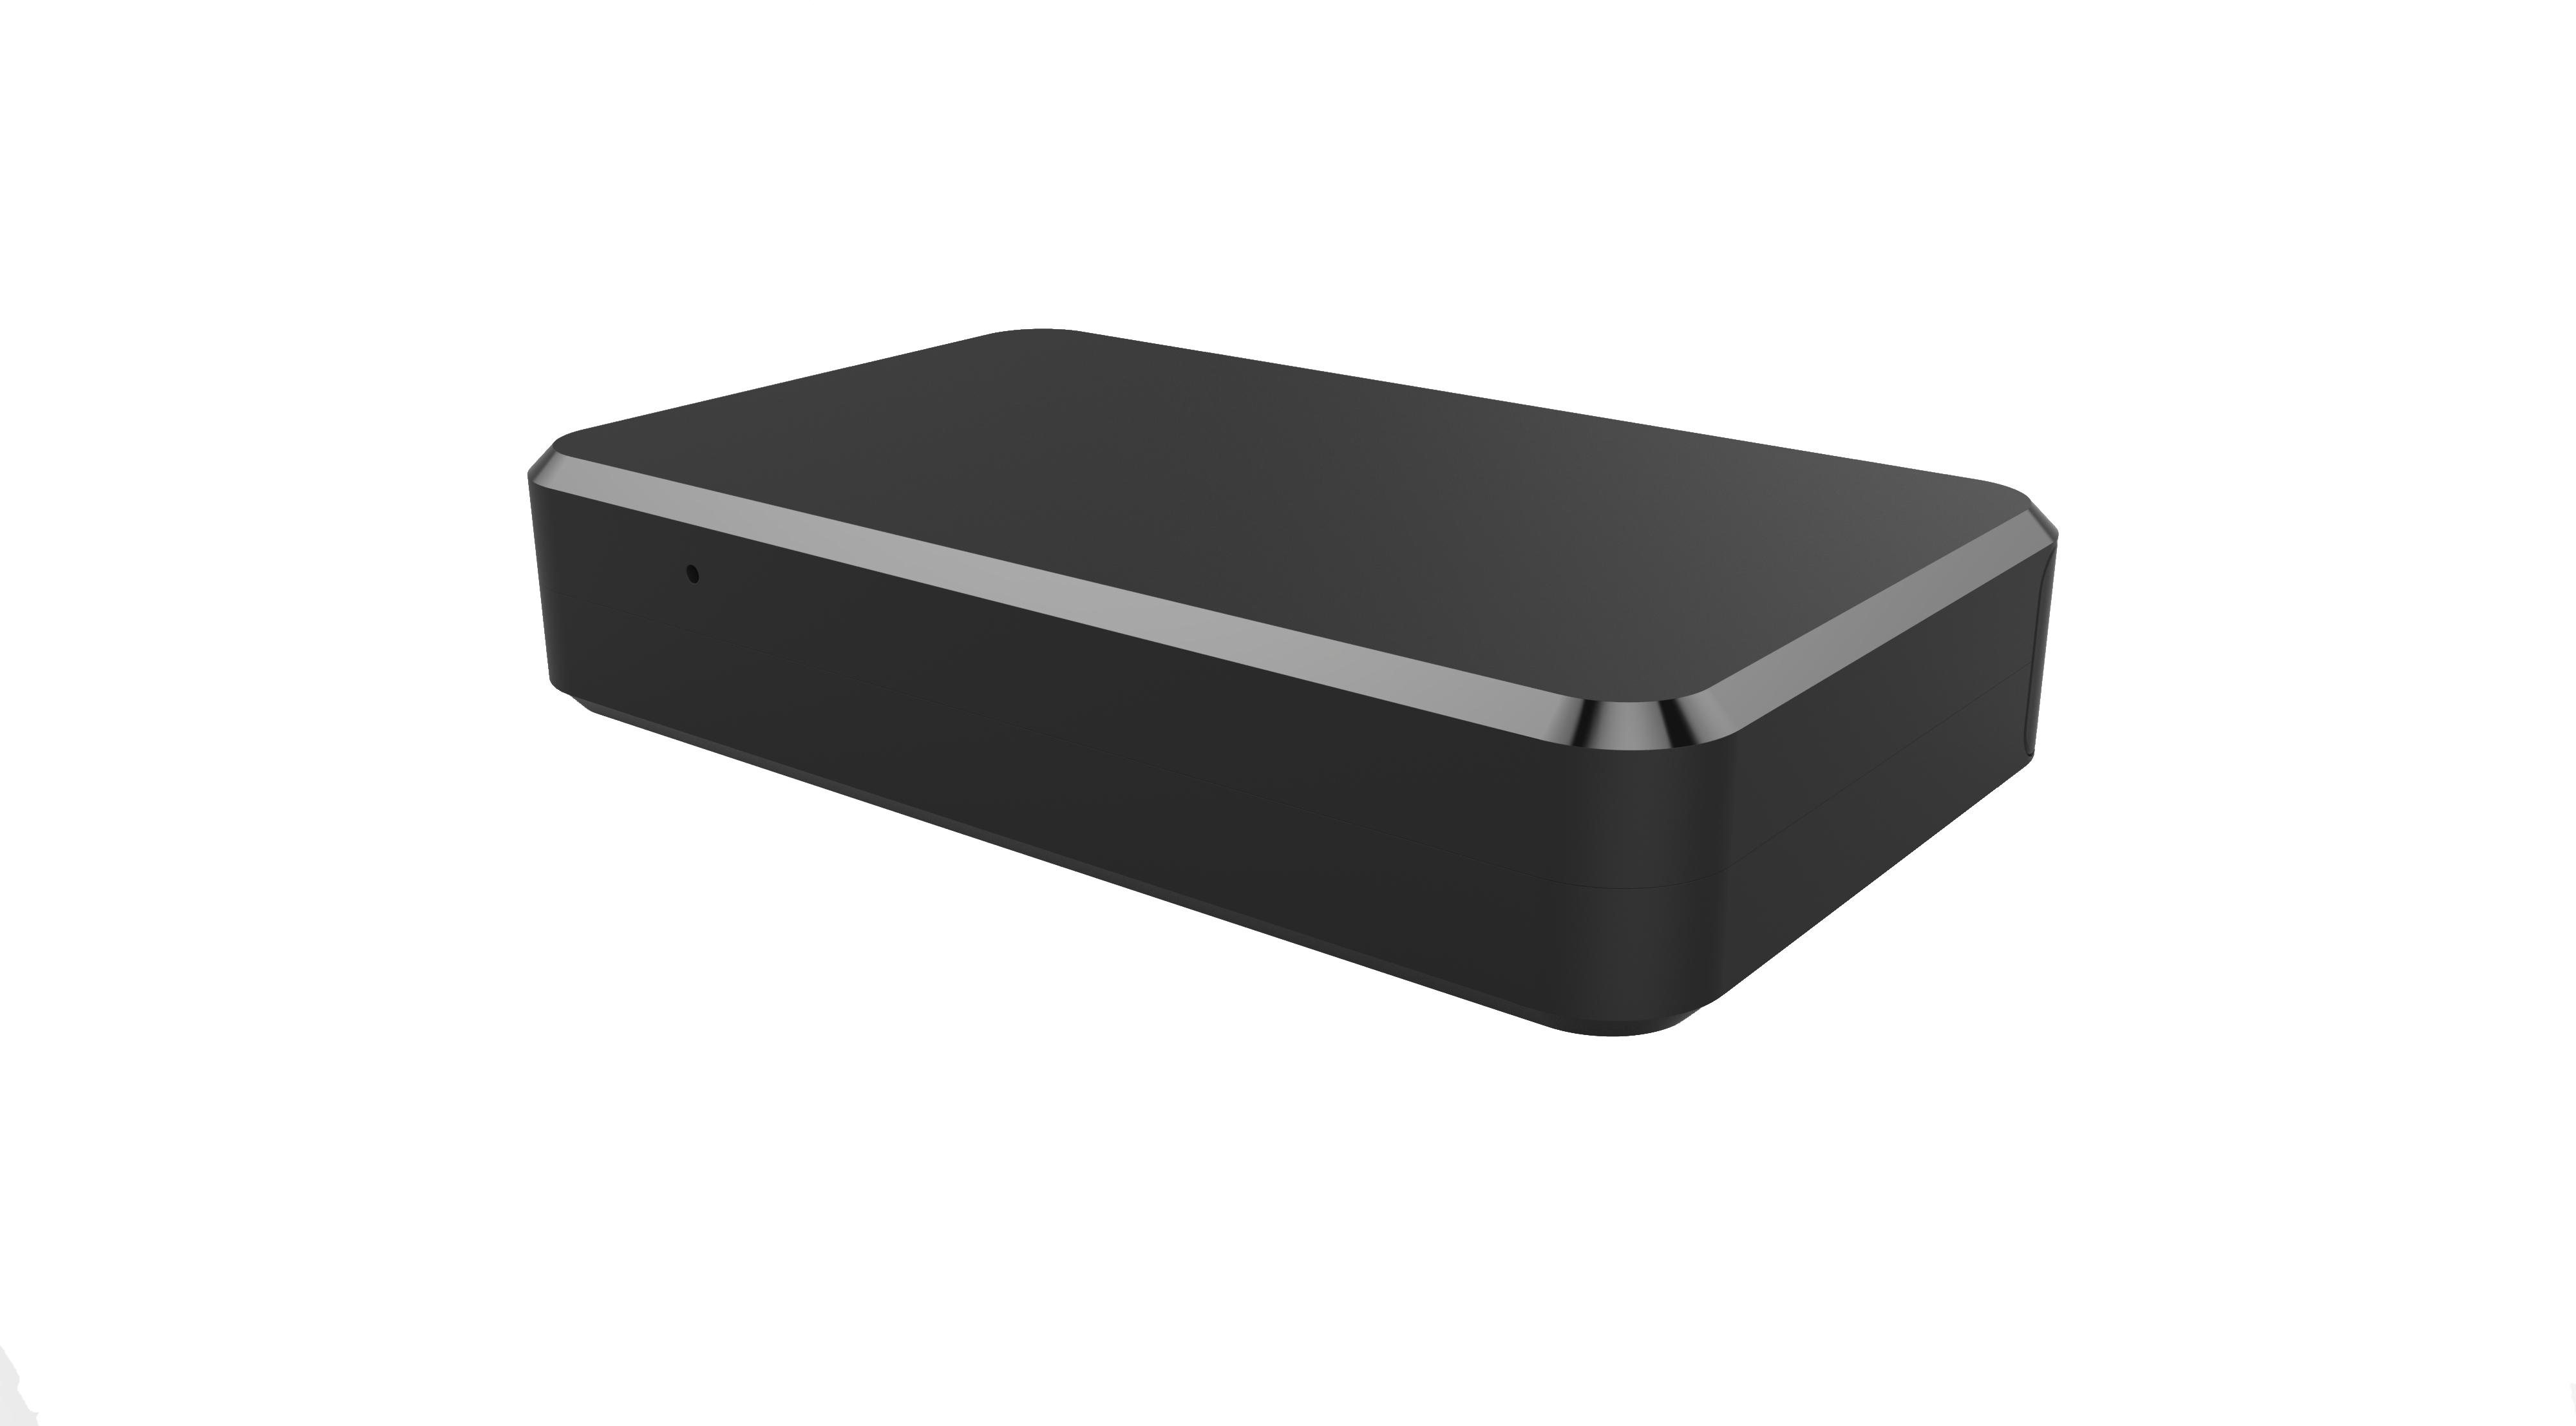 Support Andriod /Ios Pro Black Box Camera Dome Cameras